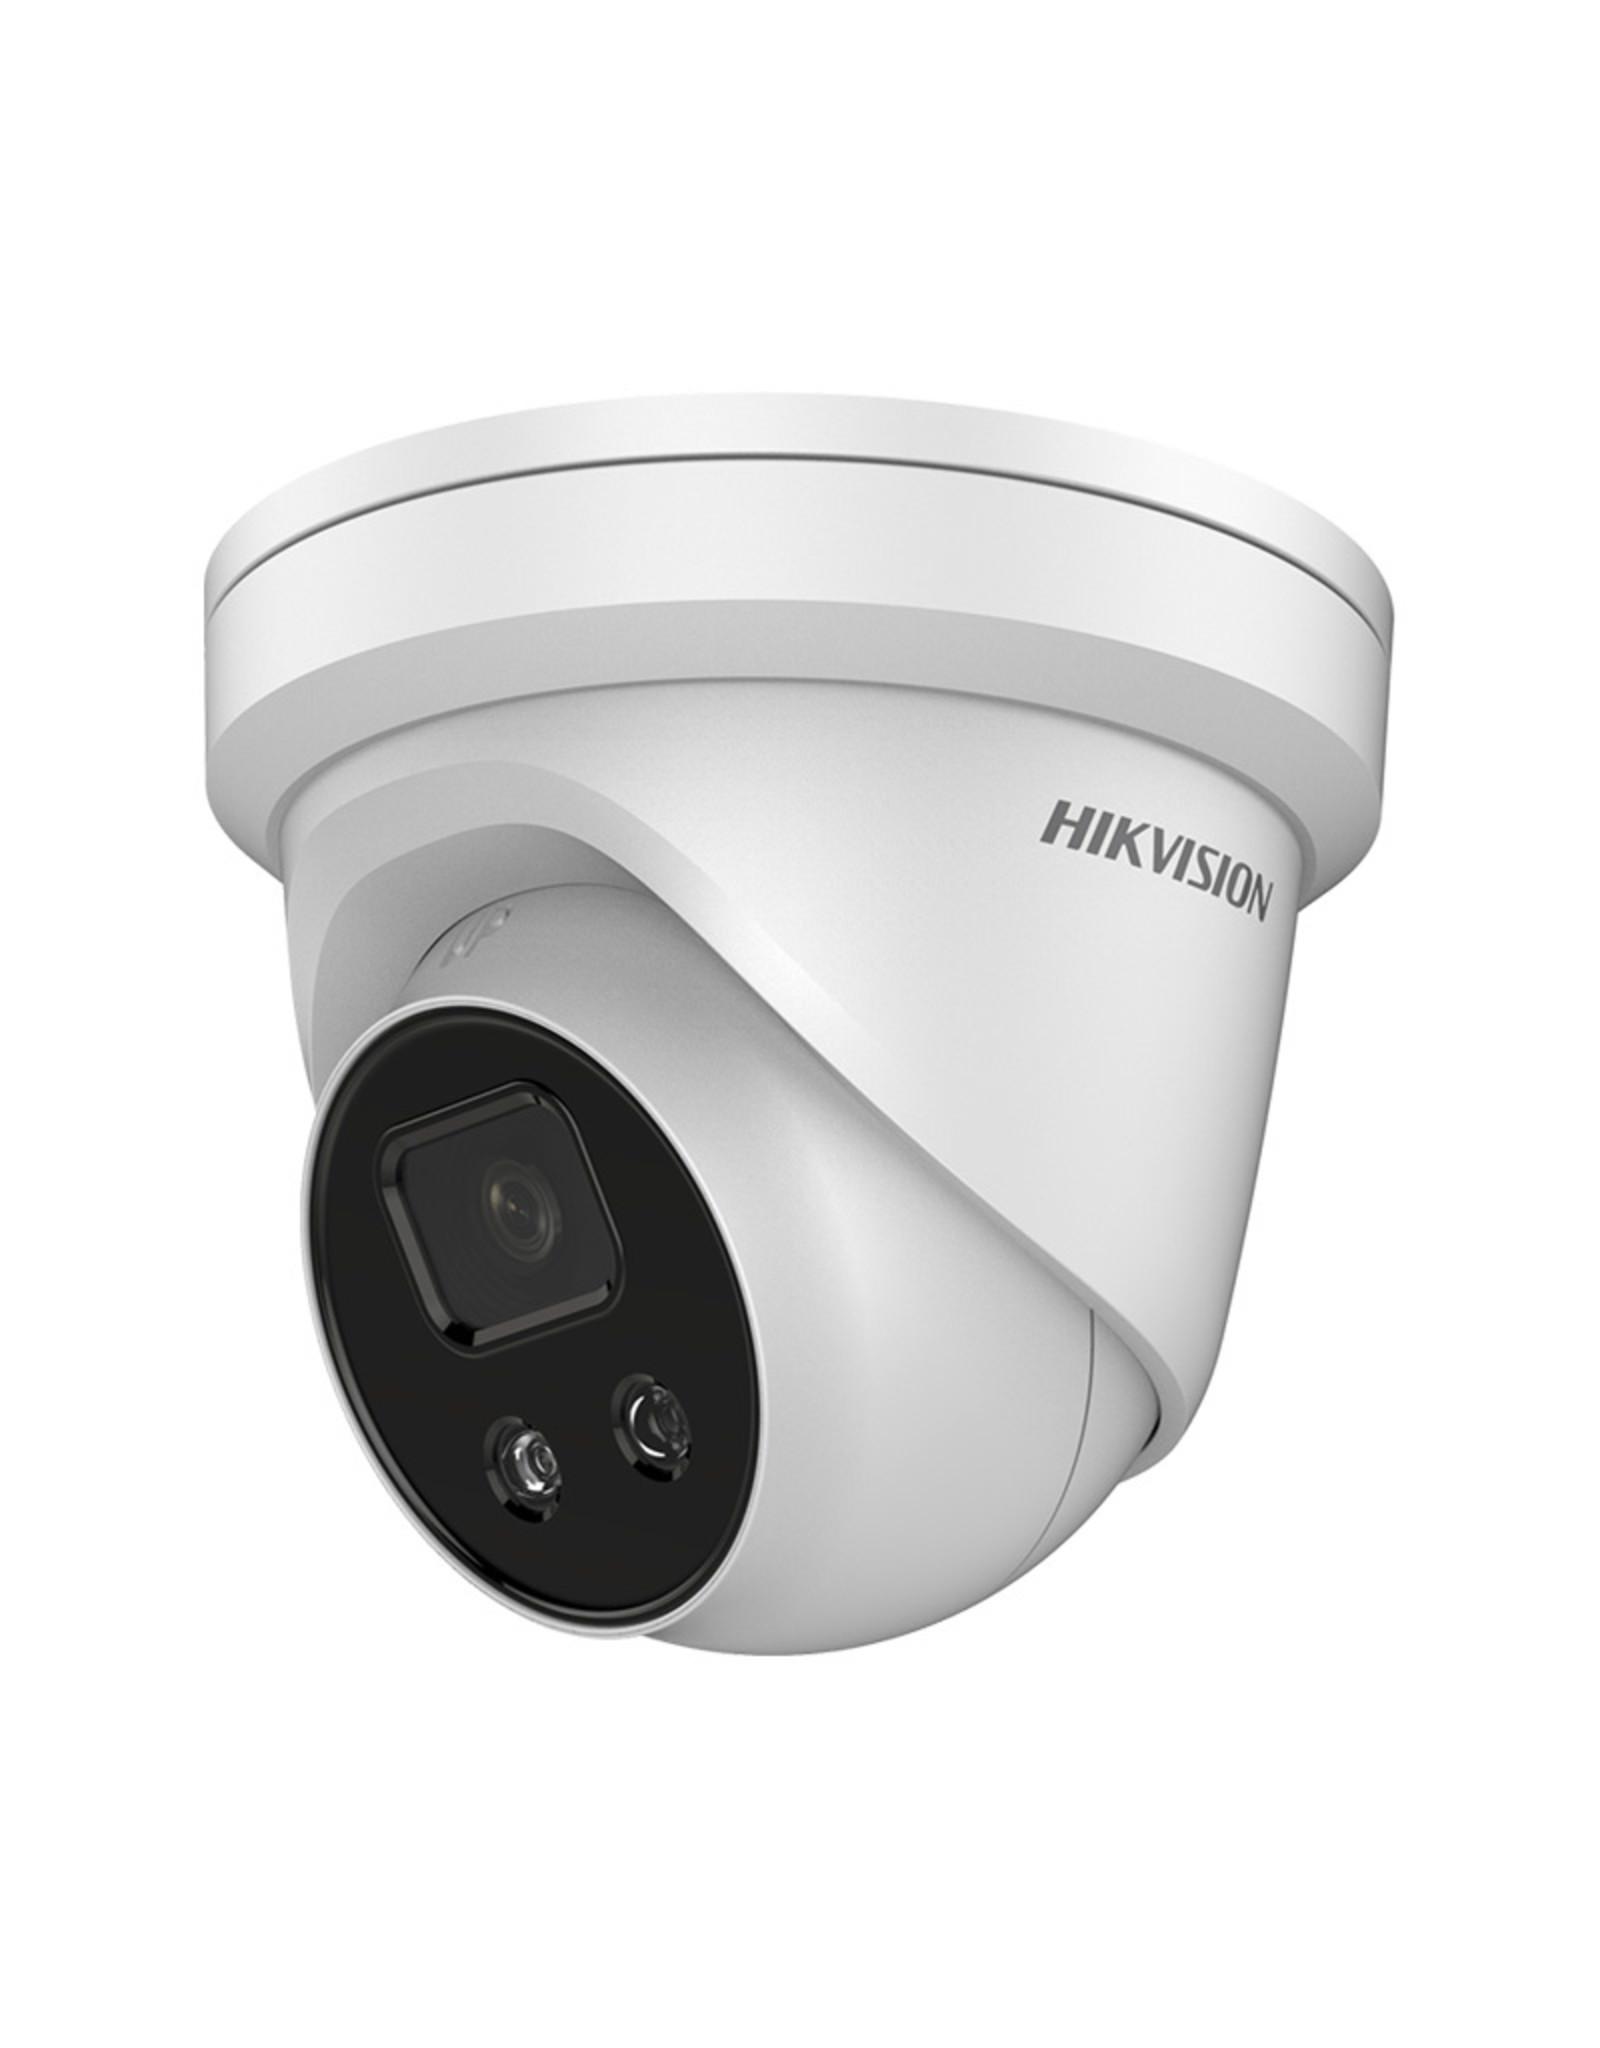 Hikvision Hikvision DS-2CD2346G1-I/SL